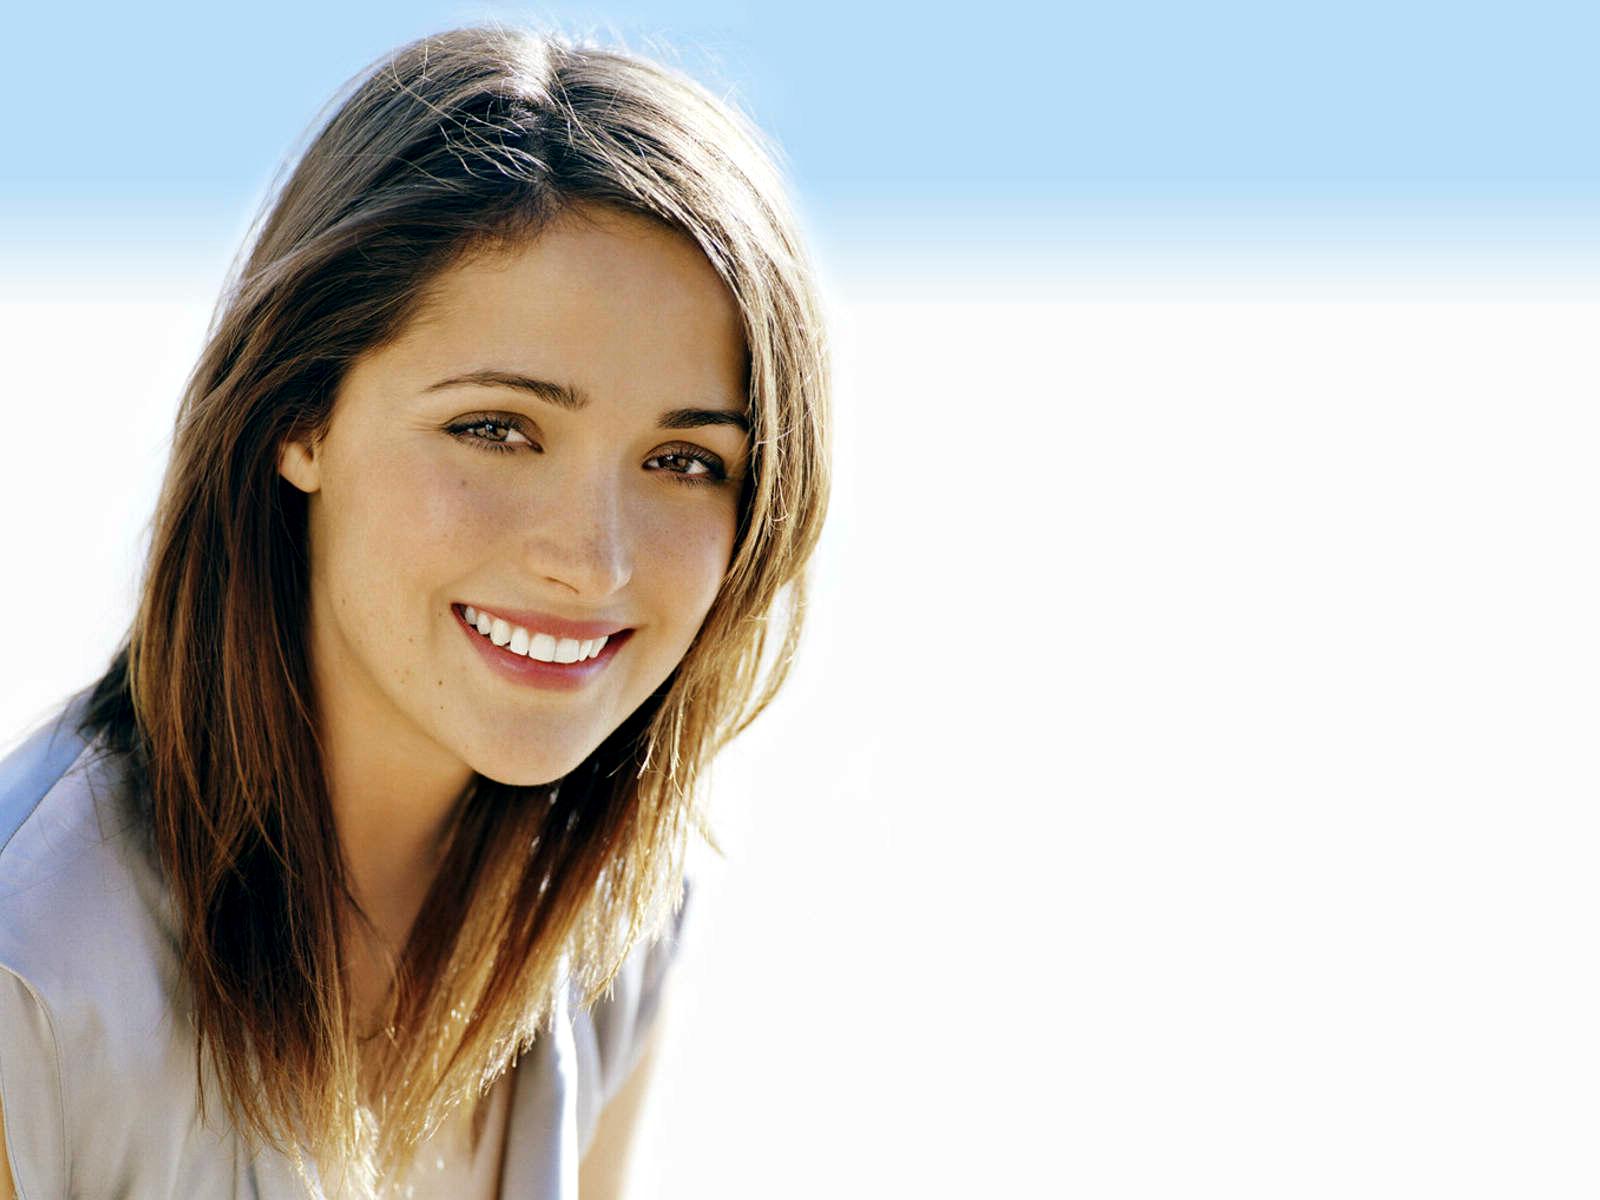 Beautiful Smile Wallpaper: Beautiful Smile Of Rose Byrne Hd Wallpaper